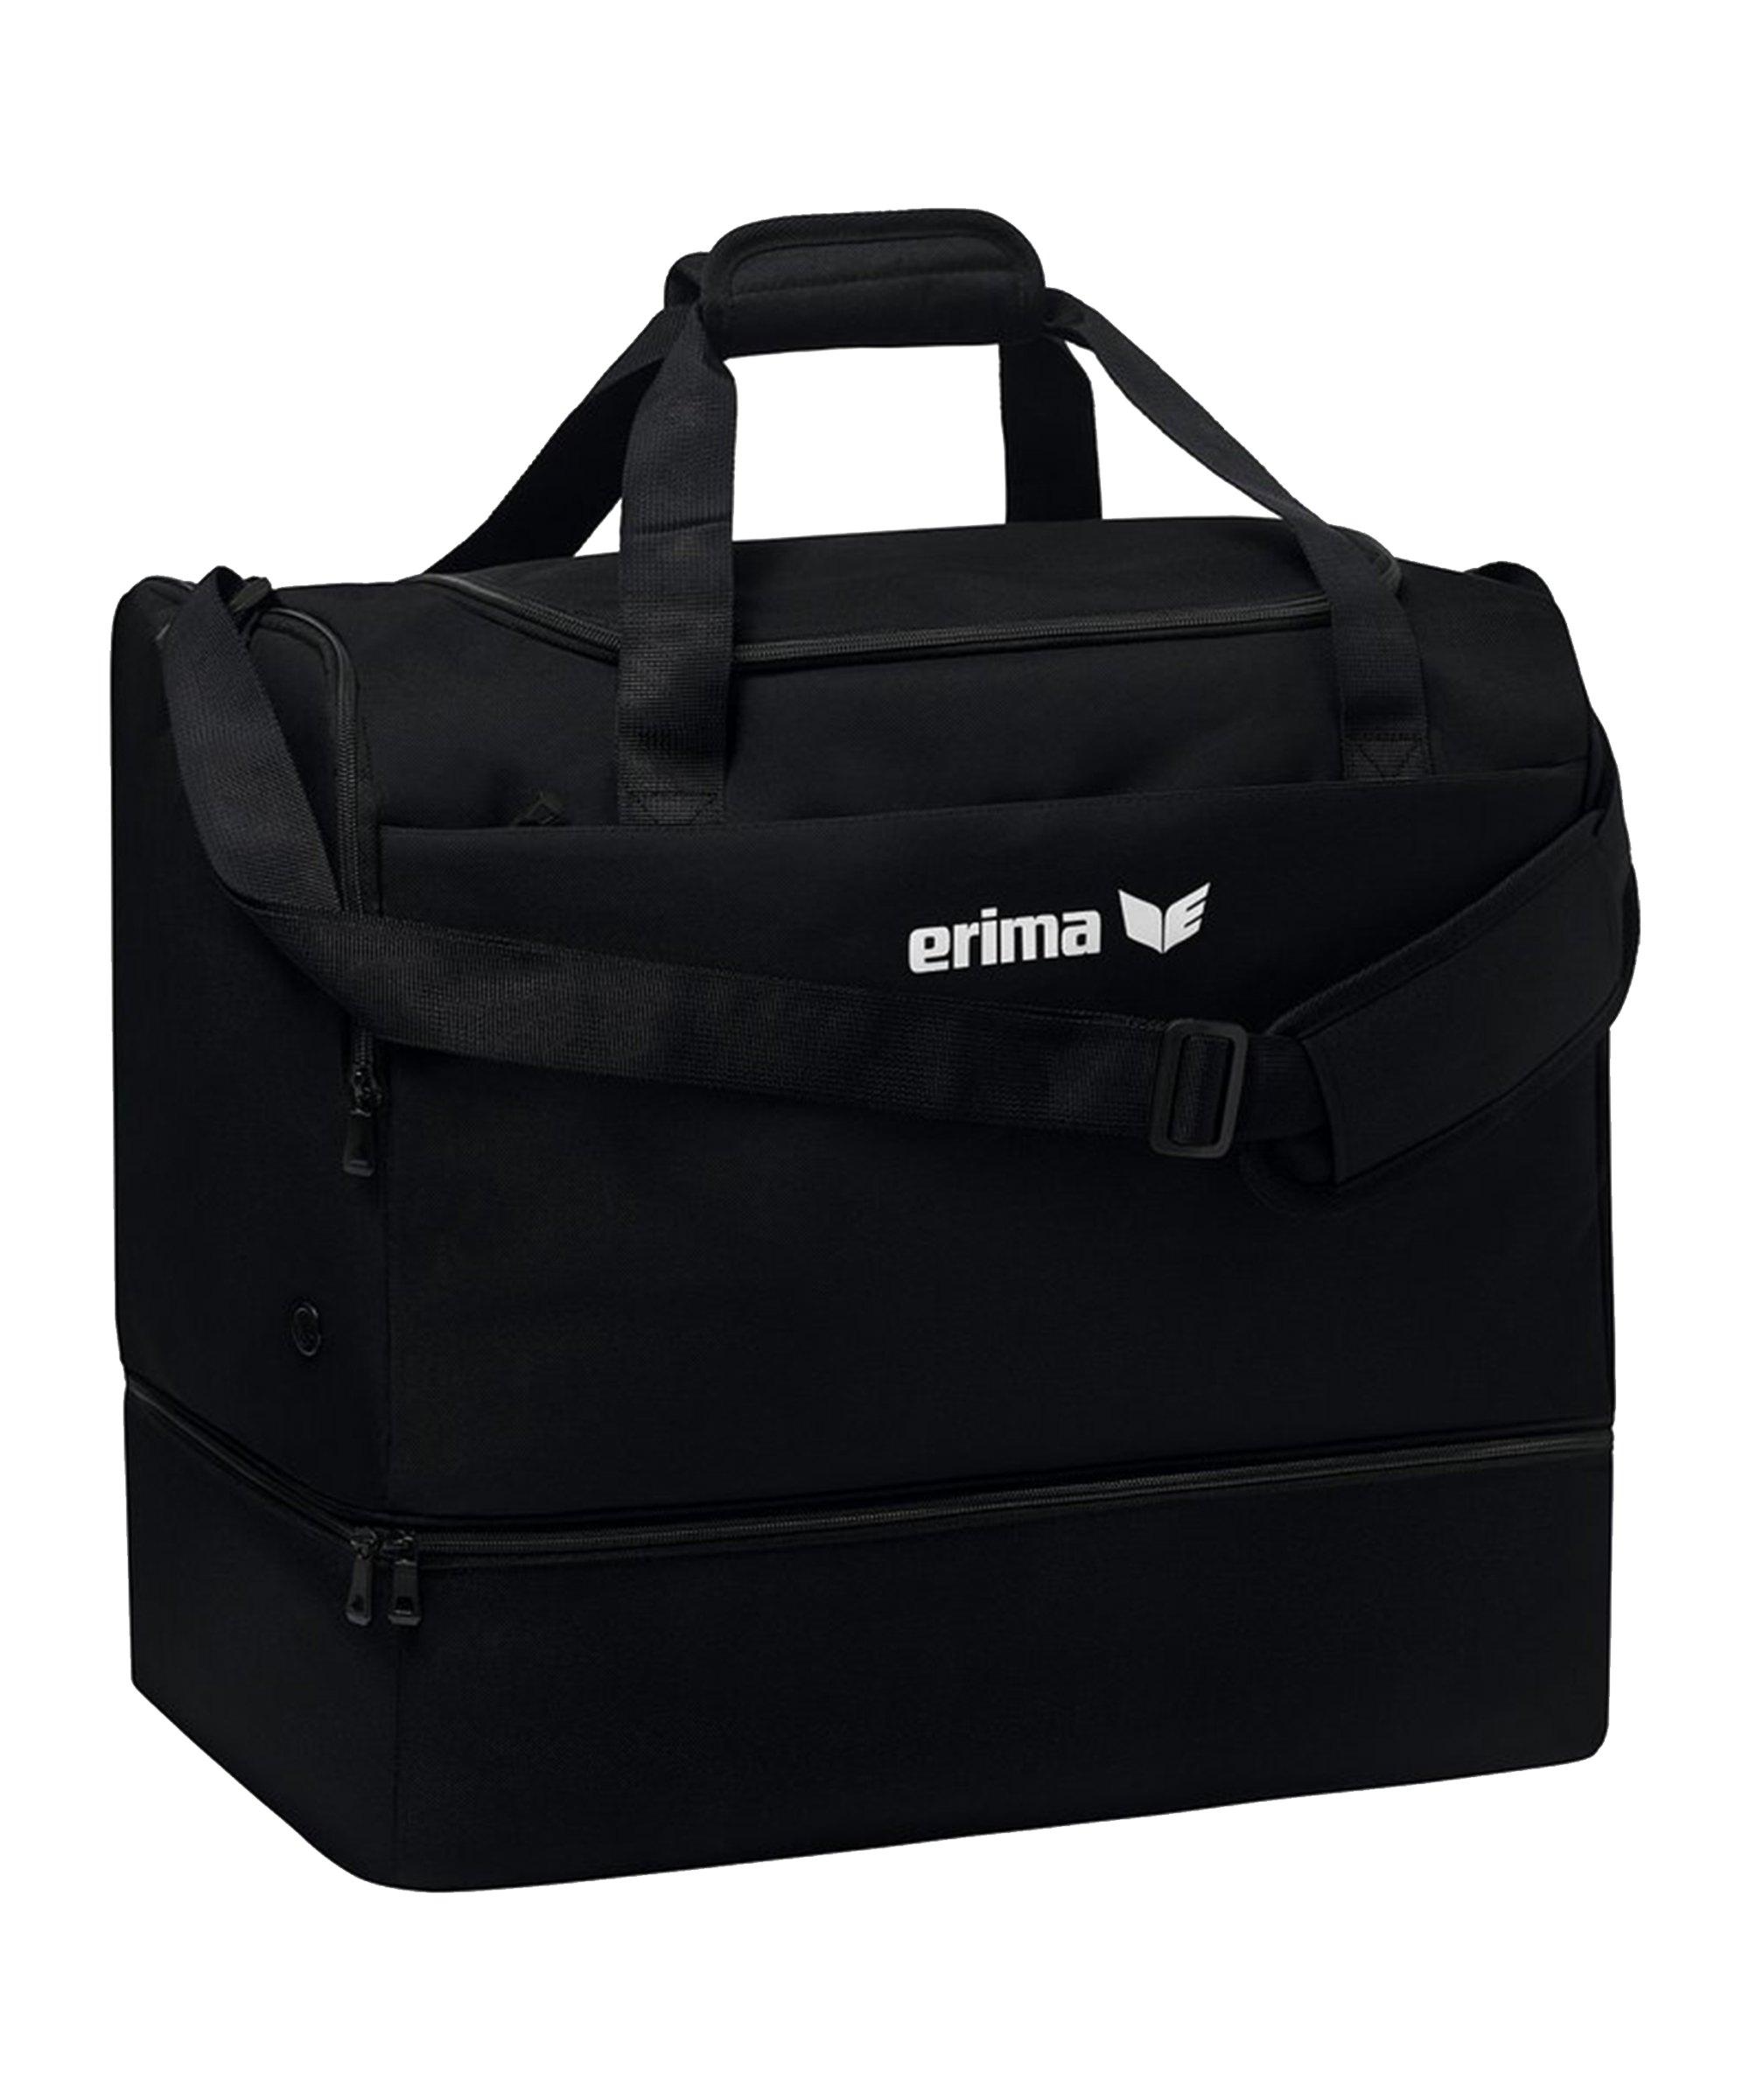 Erima TEAM Sporttasche Gr.S Schwarz - schwarz